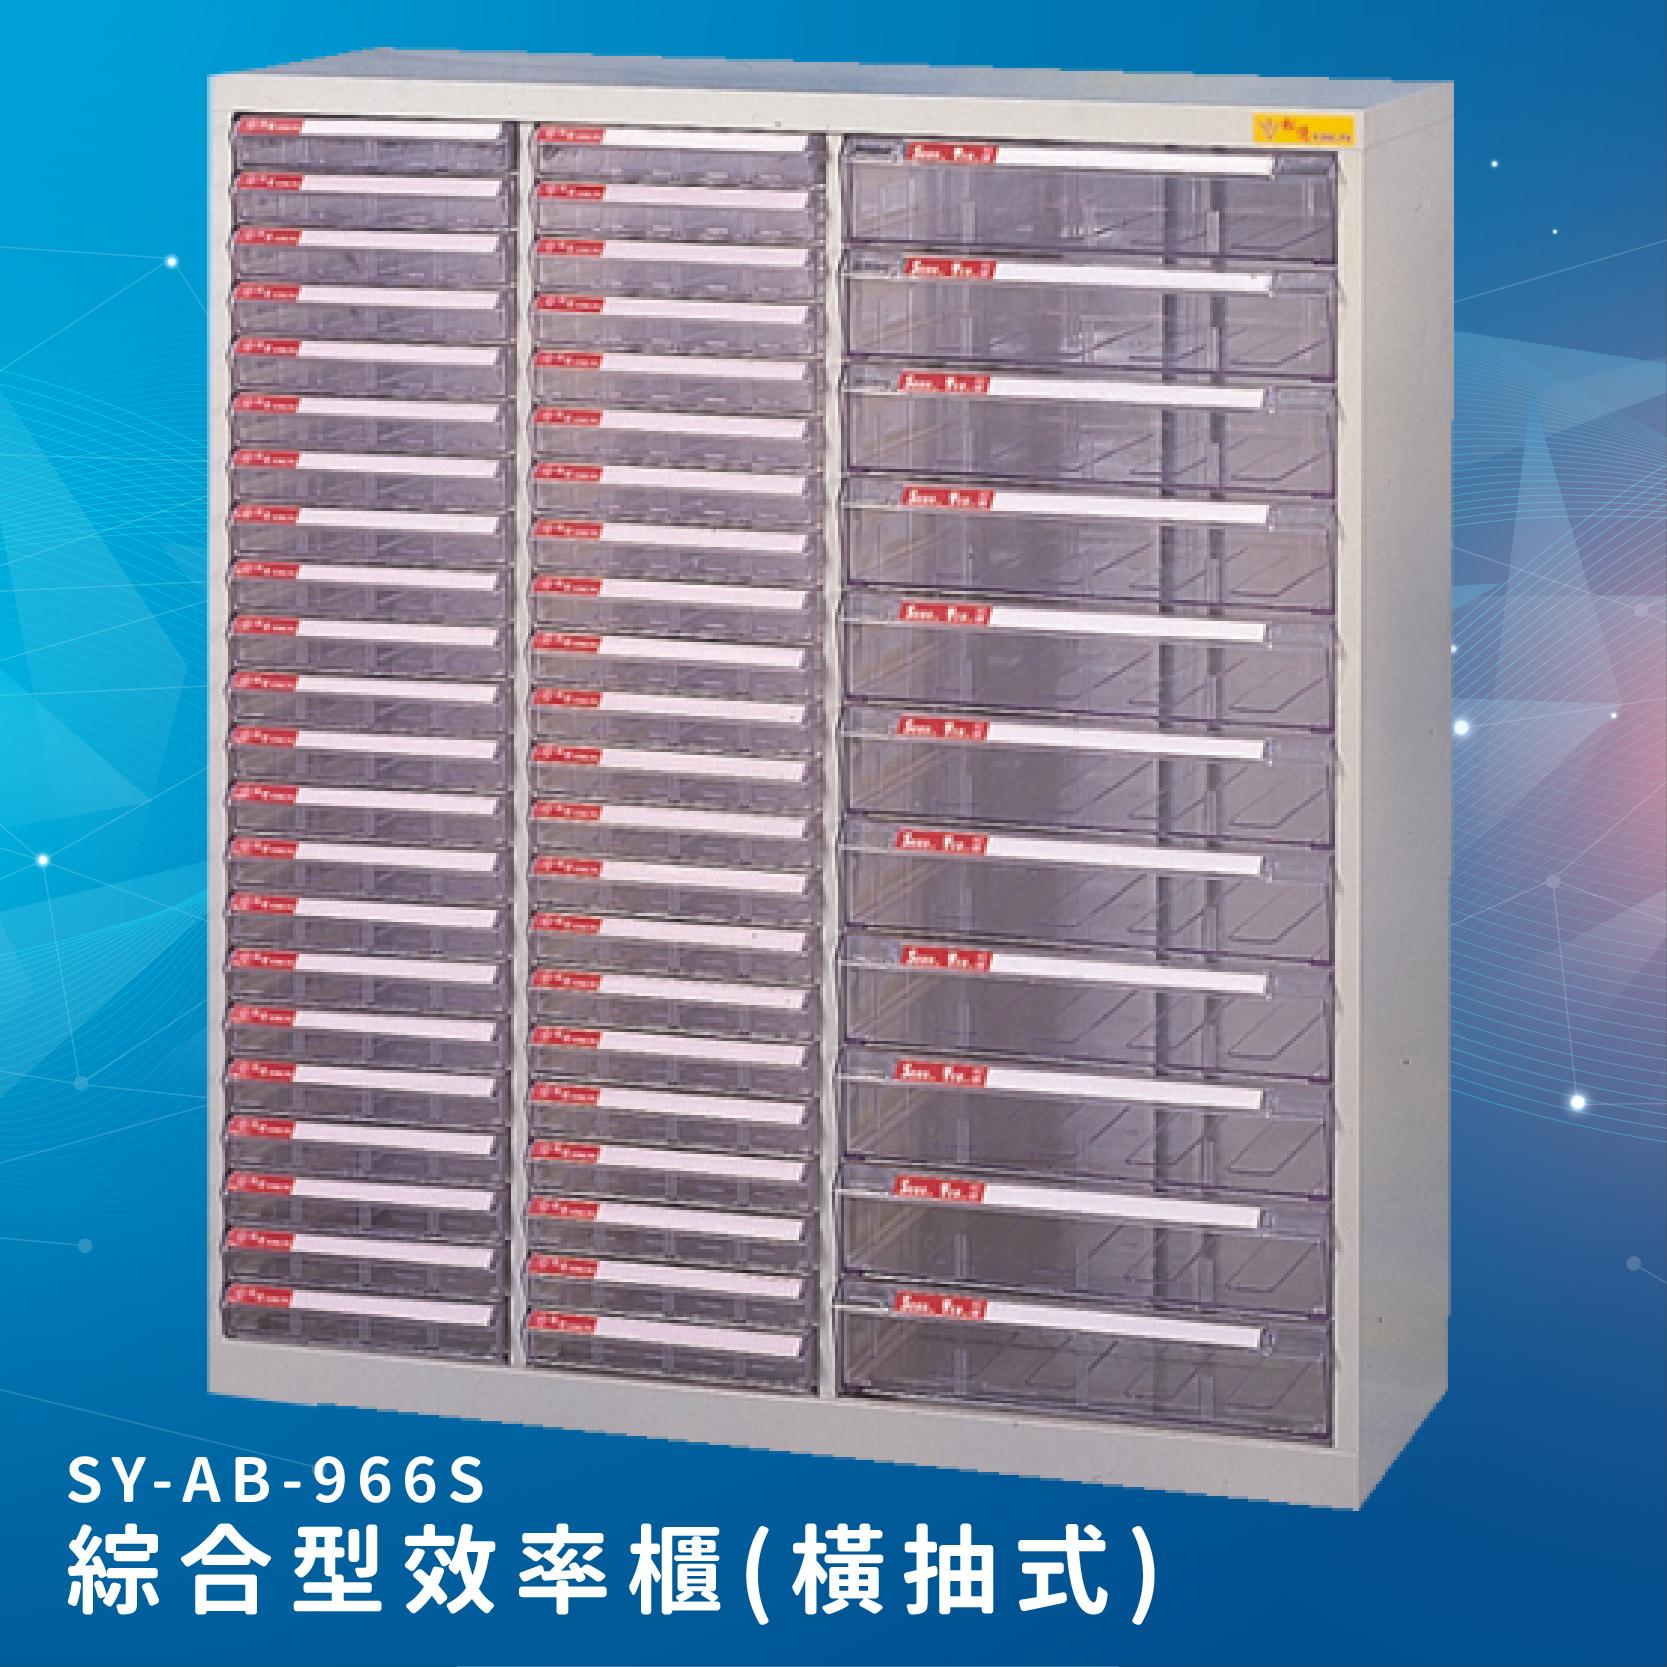 台灣製造【大富】SY-AB-966S 綜合效率櫃(橫抽式) 文件櫃 報表櫃 置物櫃 收納櫃 抽屜 台灣品牌 B4 A4